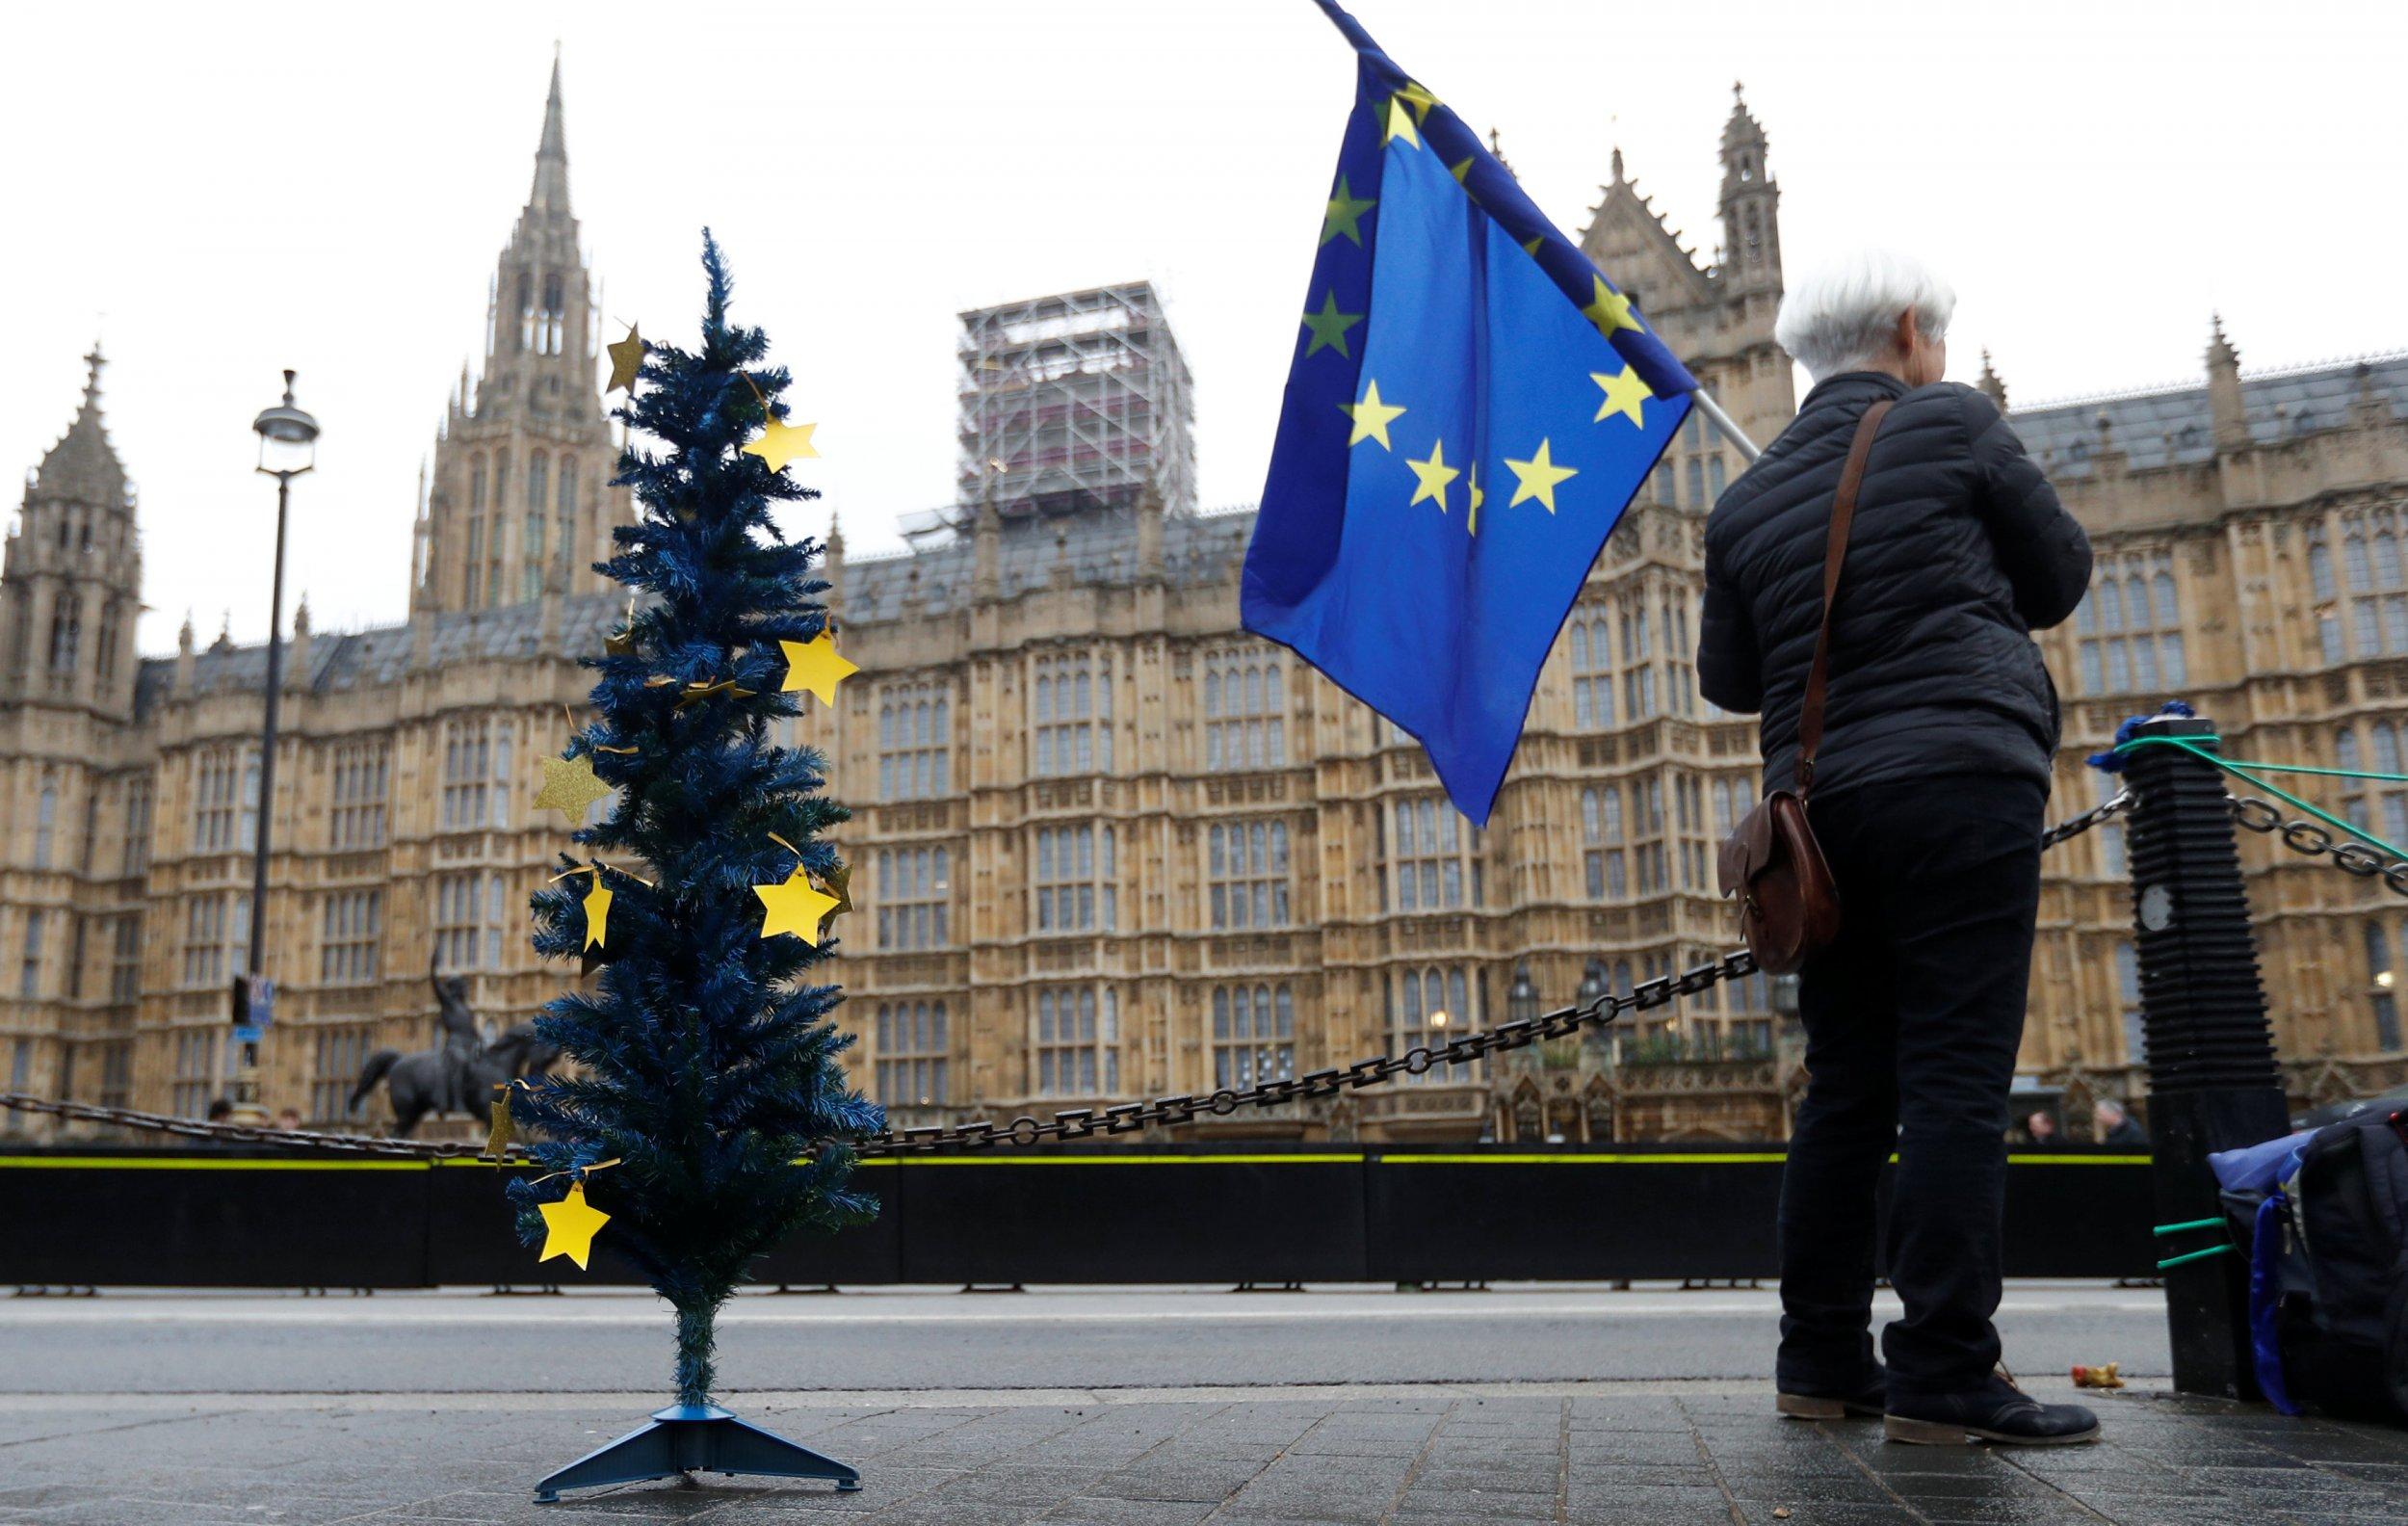 2017-12-20T135950Z_2063966592_RC11F48B5940_RTRMADP_3_BRITAIN-EU-MAY